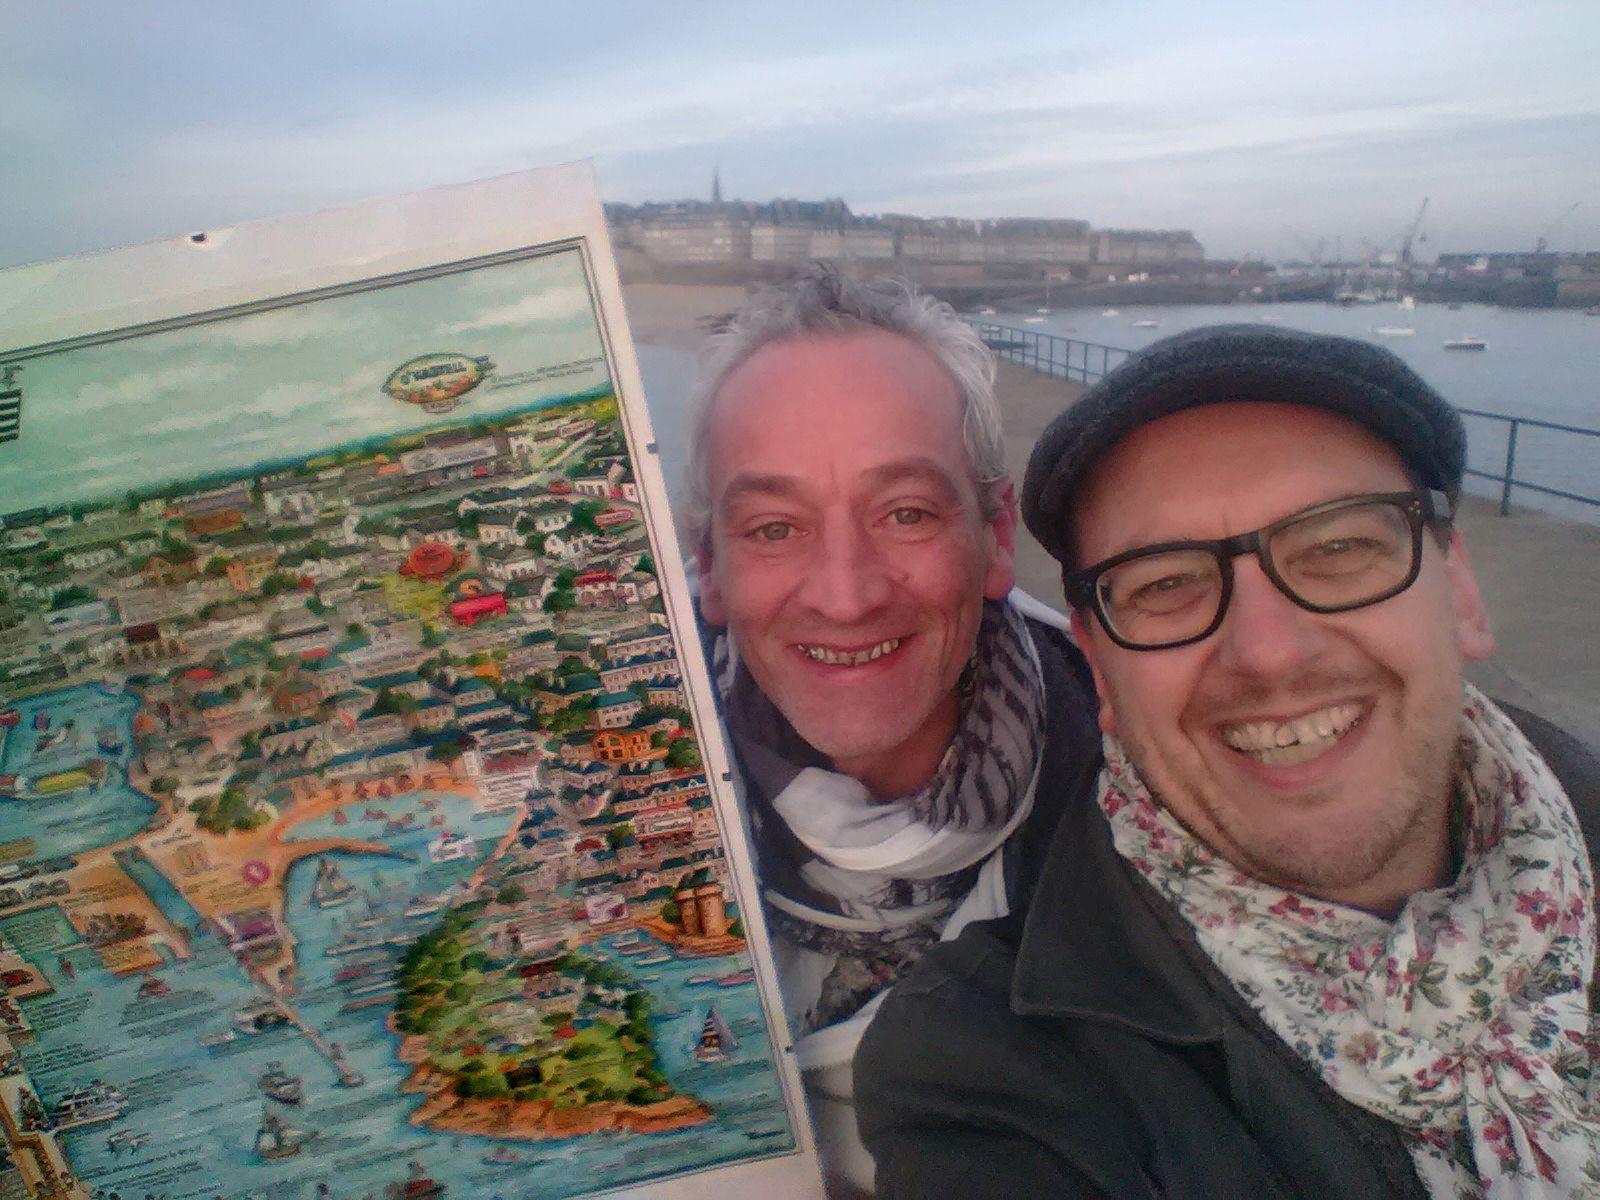 Yann Chollet réalise l'illustration de Saint-Malo en grand format. Un poster superbe et unique.